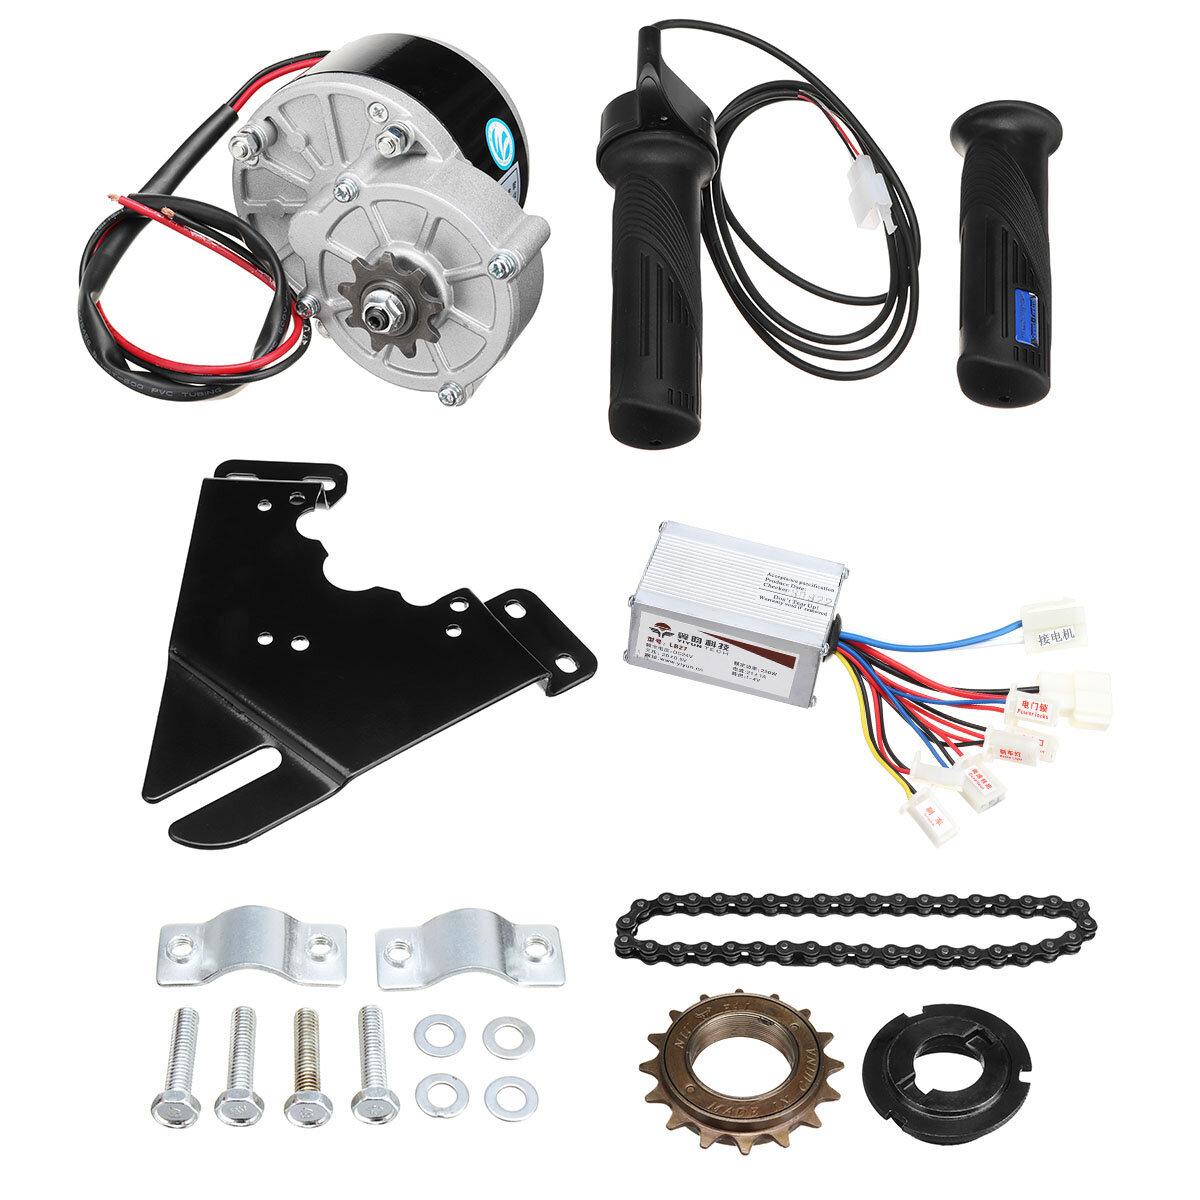 Equipo eléctrico del regulador de la vespa motor de la conversión de la bici de 24V 250W para la bici ordinaria 20-28inch